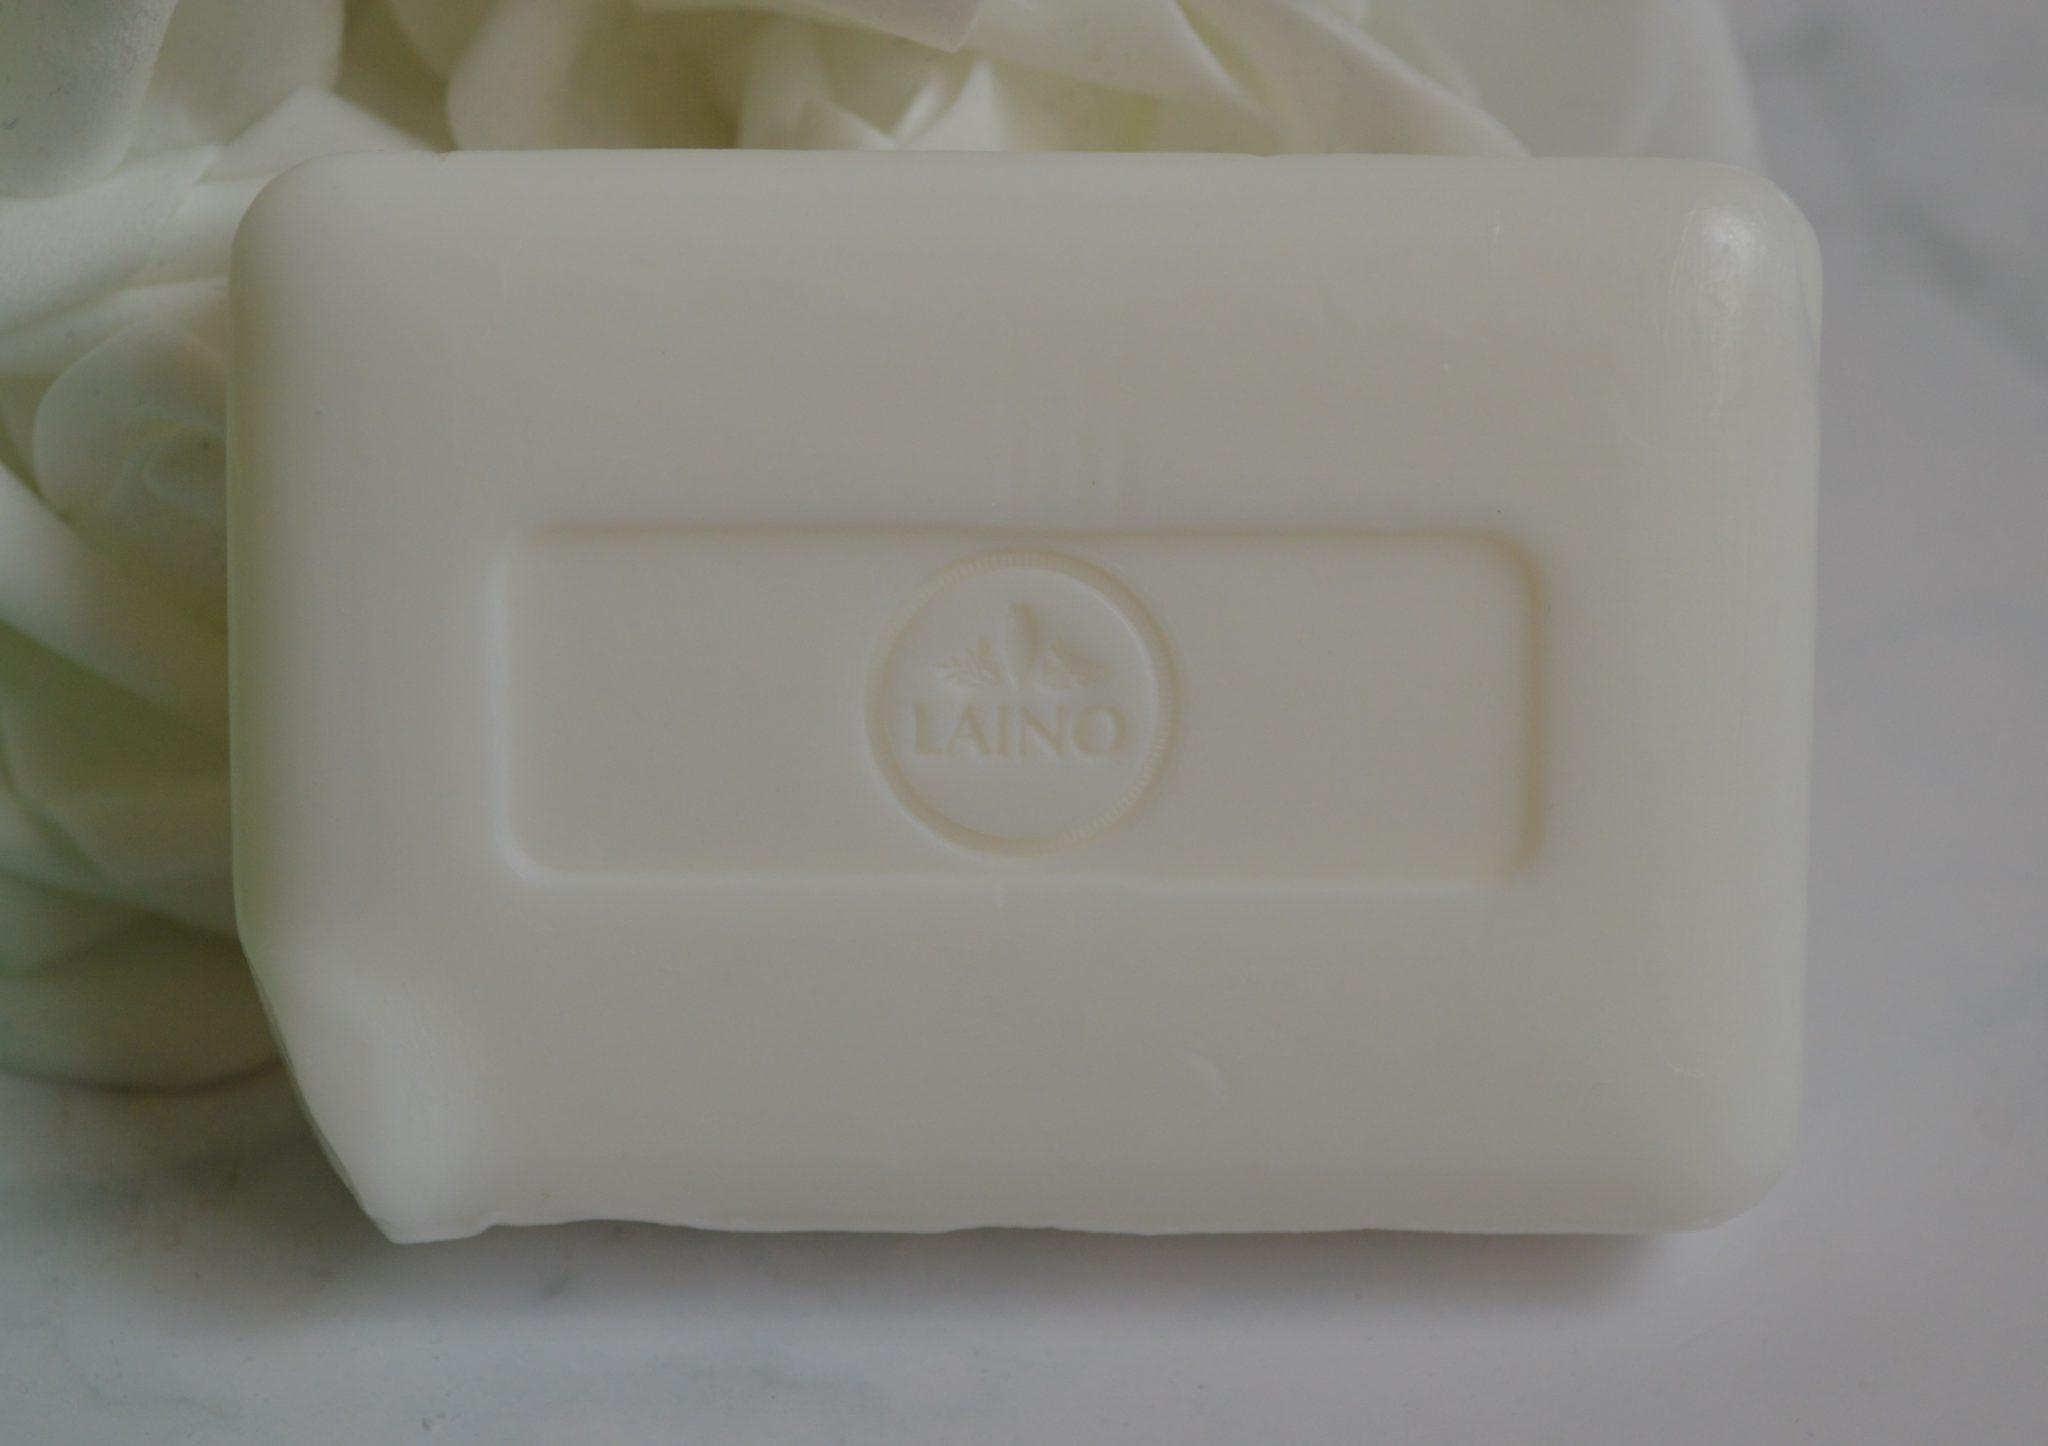 photo pain Savon parfumé au thé vert - LAINO